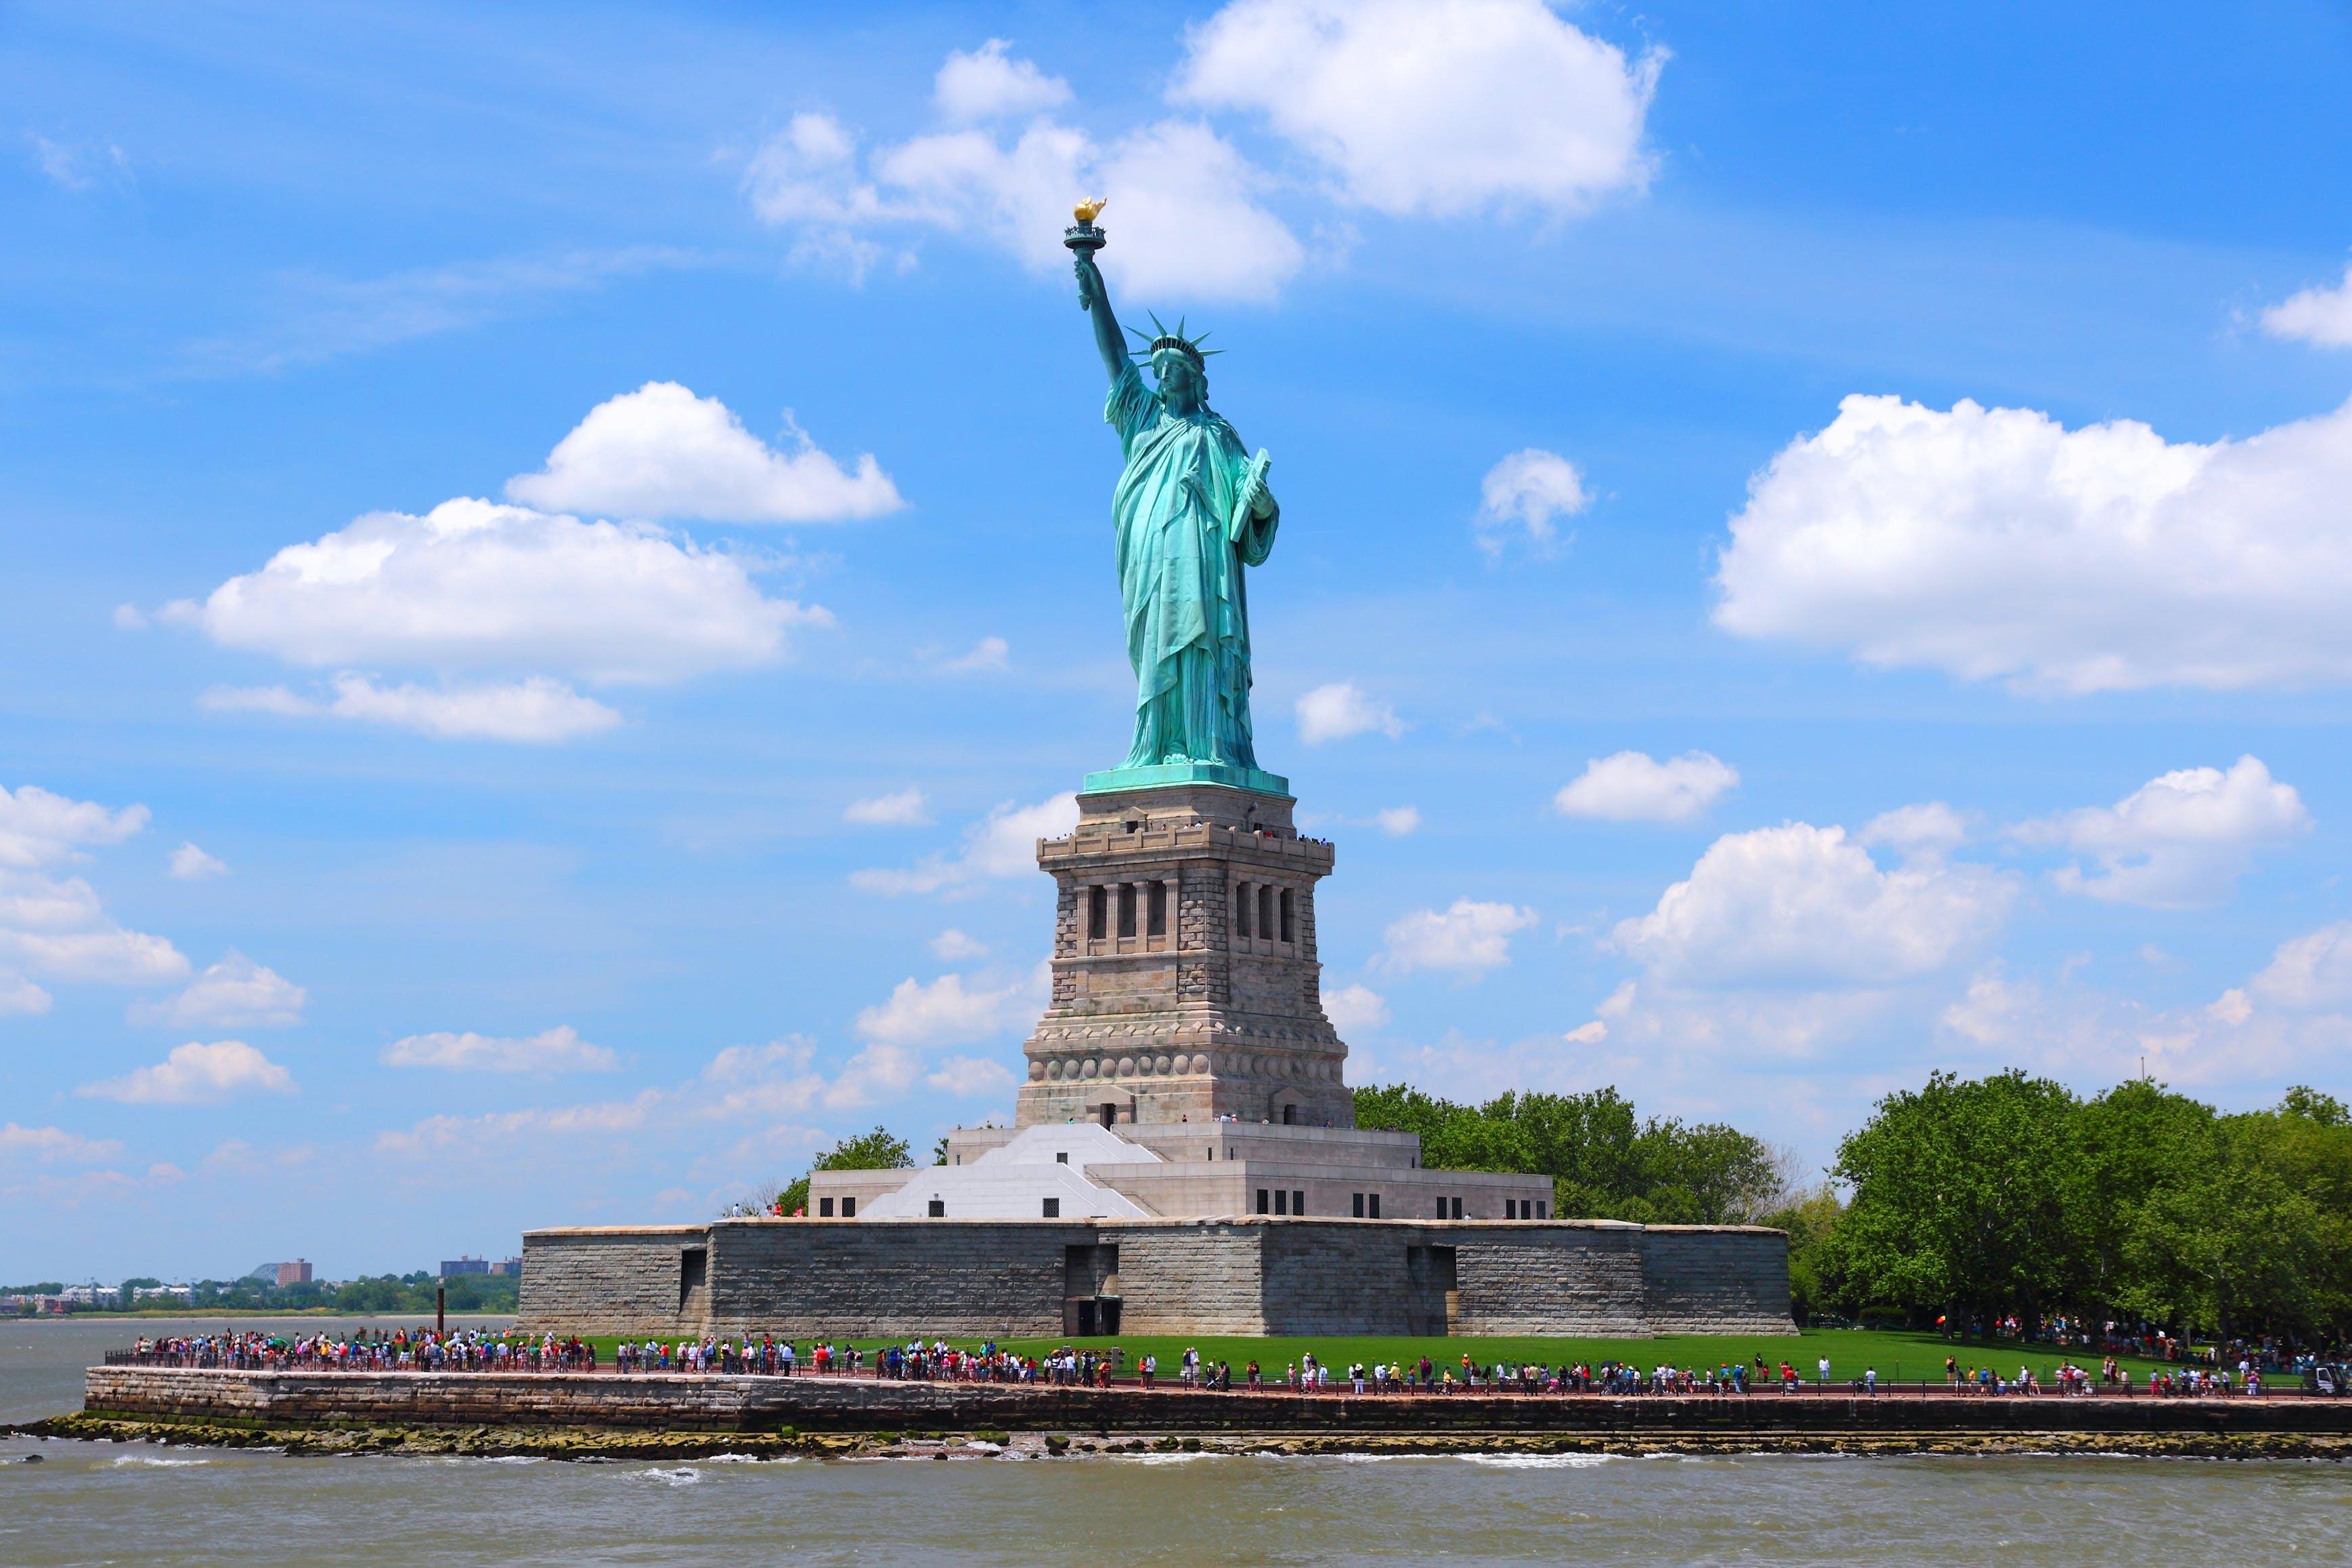 Het grootste icoon van allemaal - Statue of Liberty